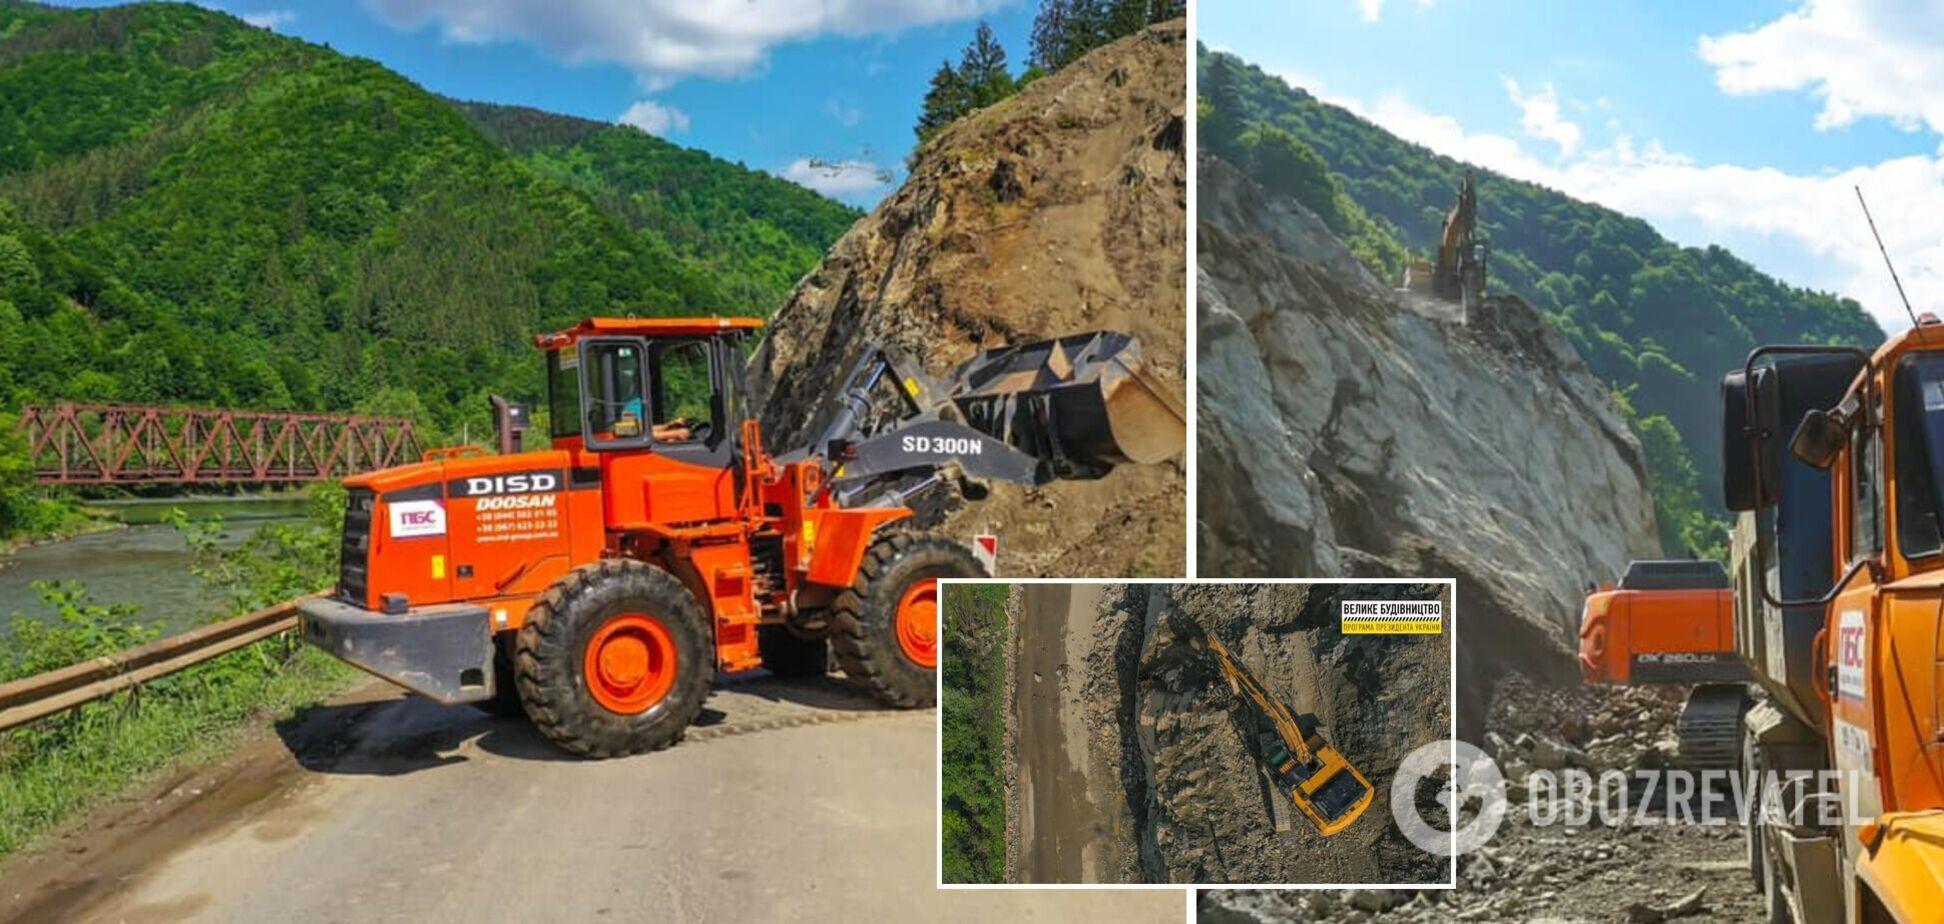 На Закарпатті розбирають скелю для 'Великого будівництва' важливої магістралі